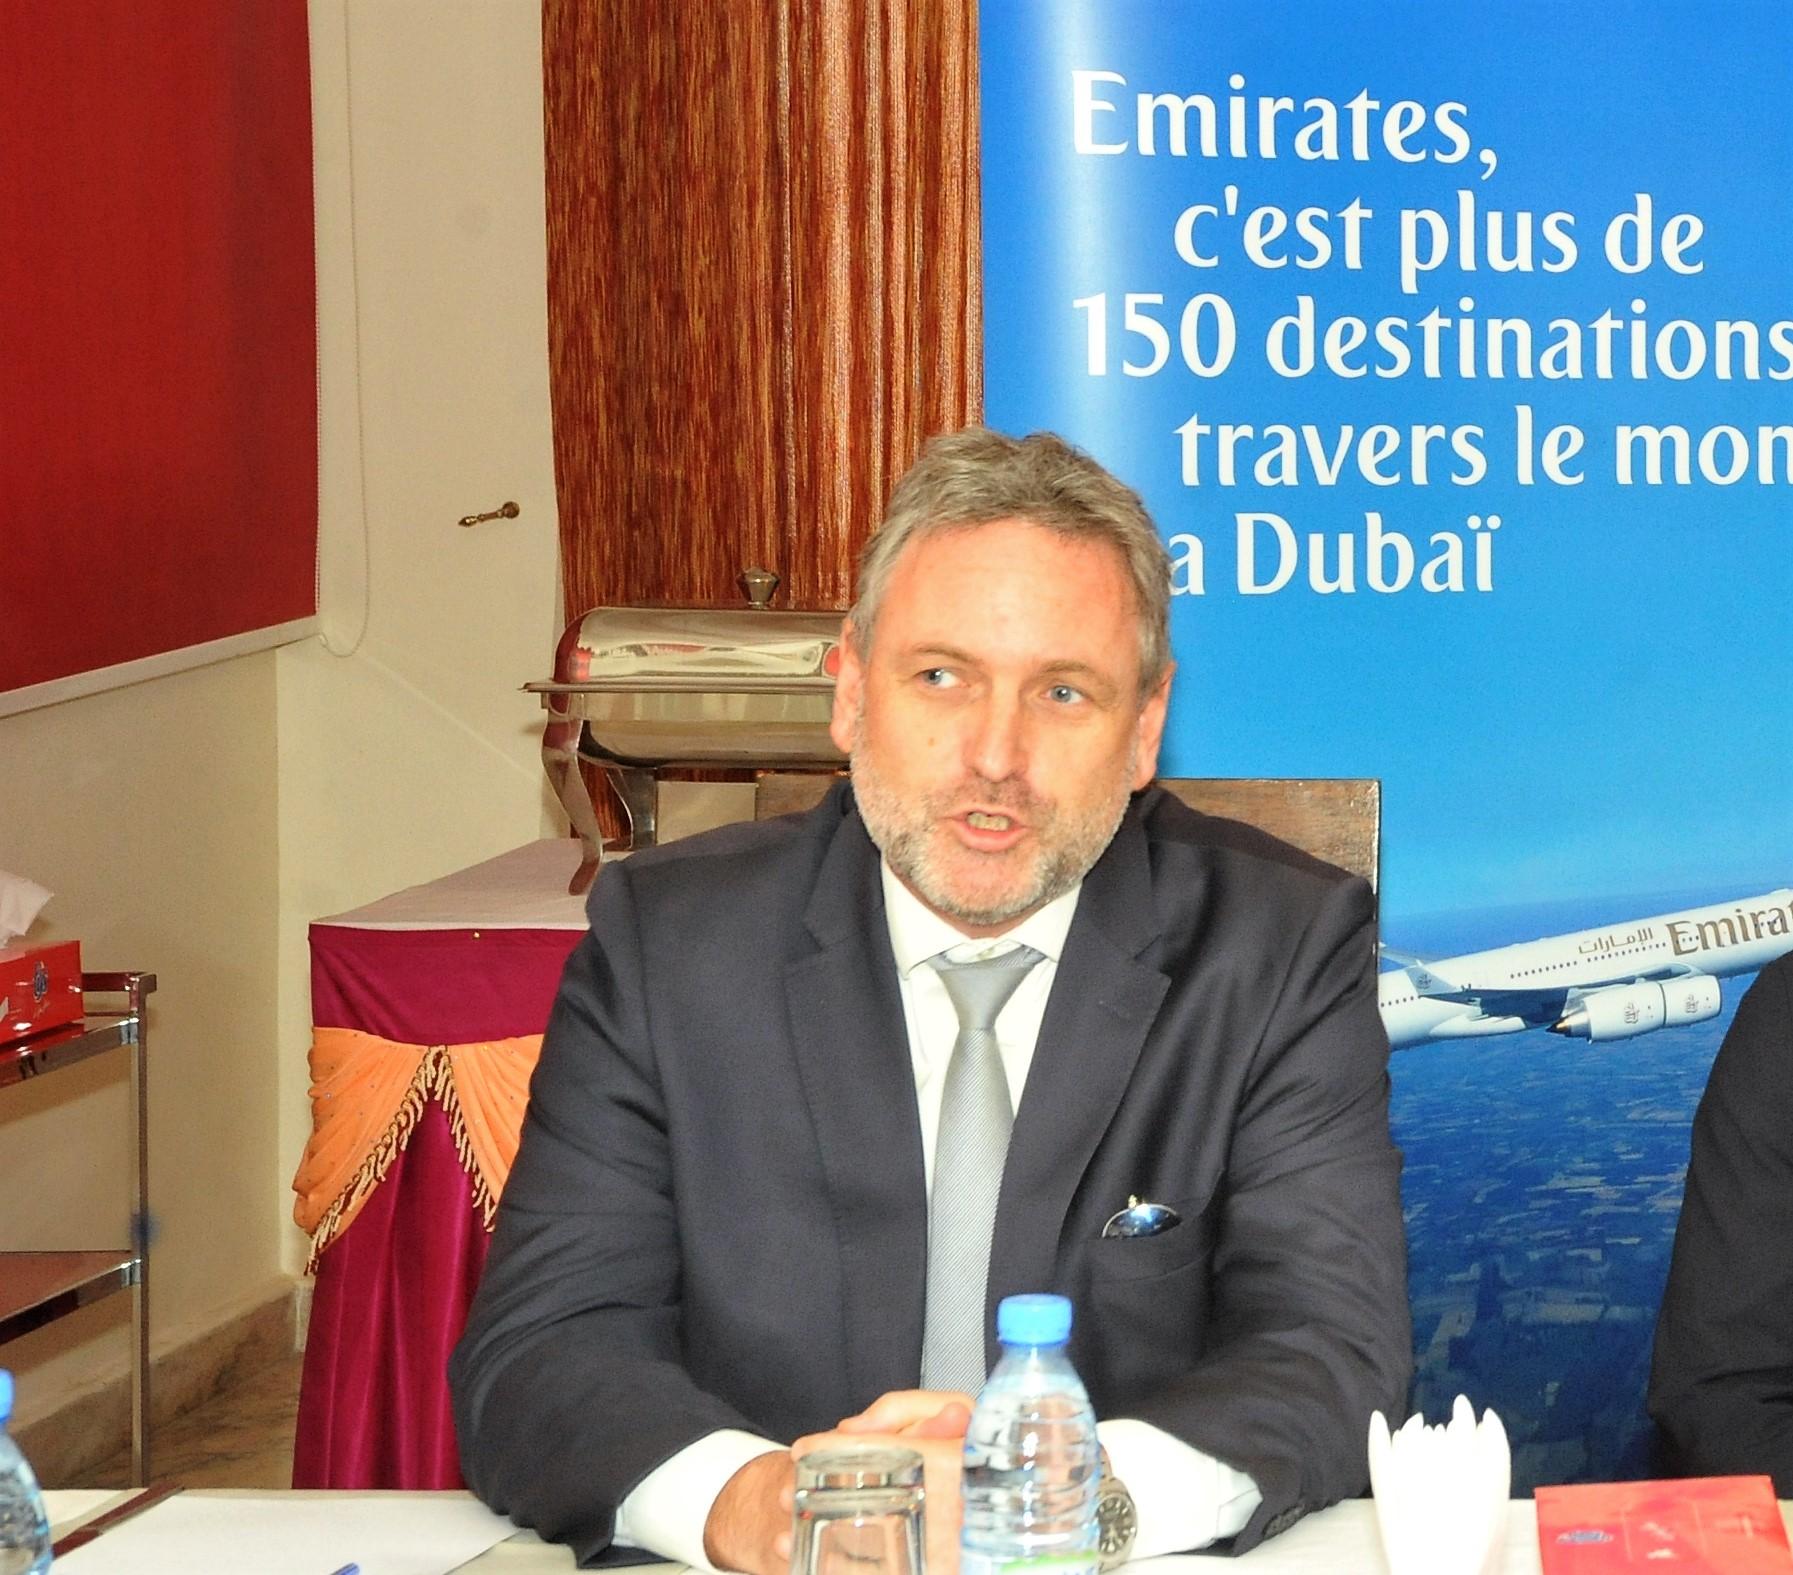 Sénégal- Transport aérien : Emirates enregistre une croissance de plus de 15% de volume passager